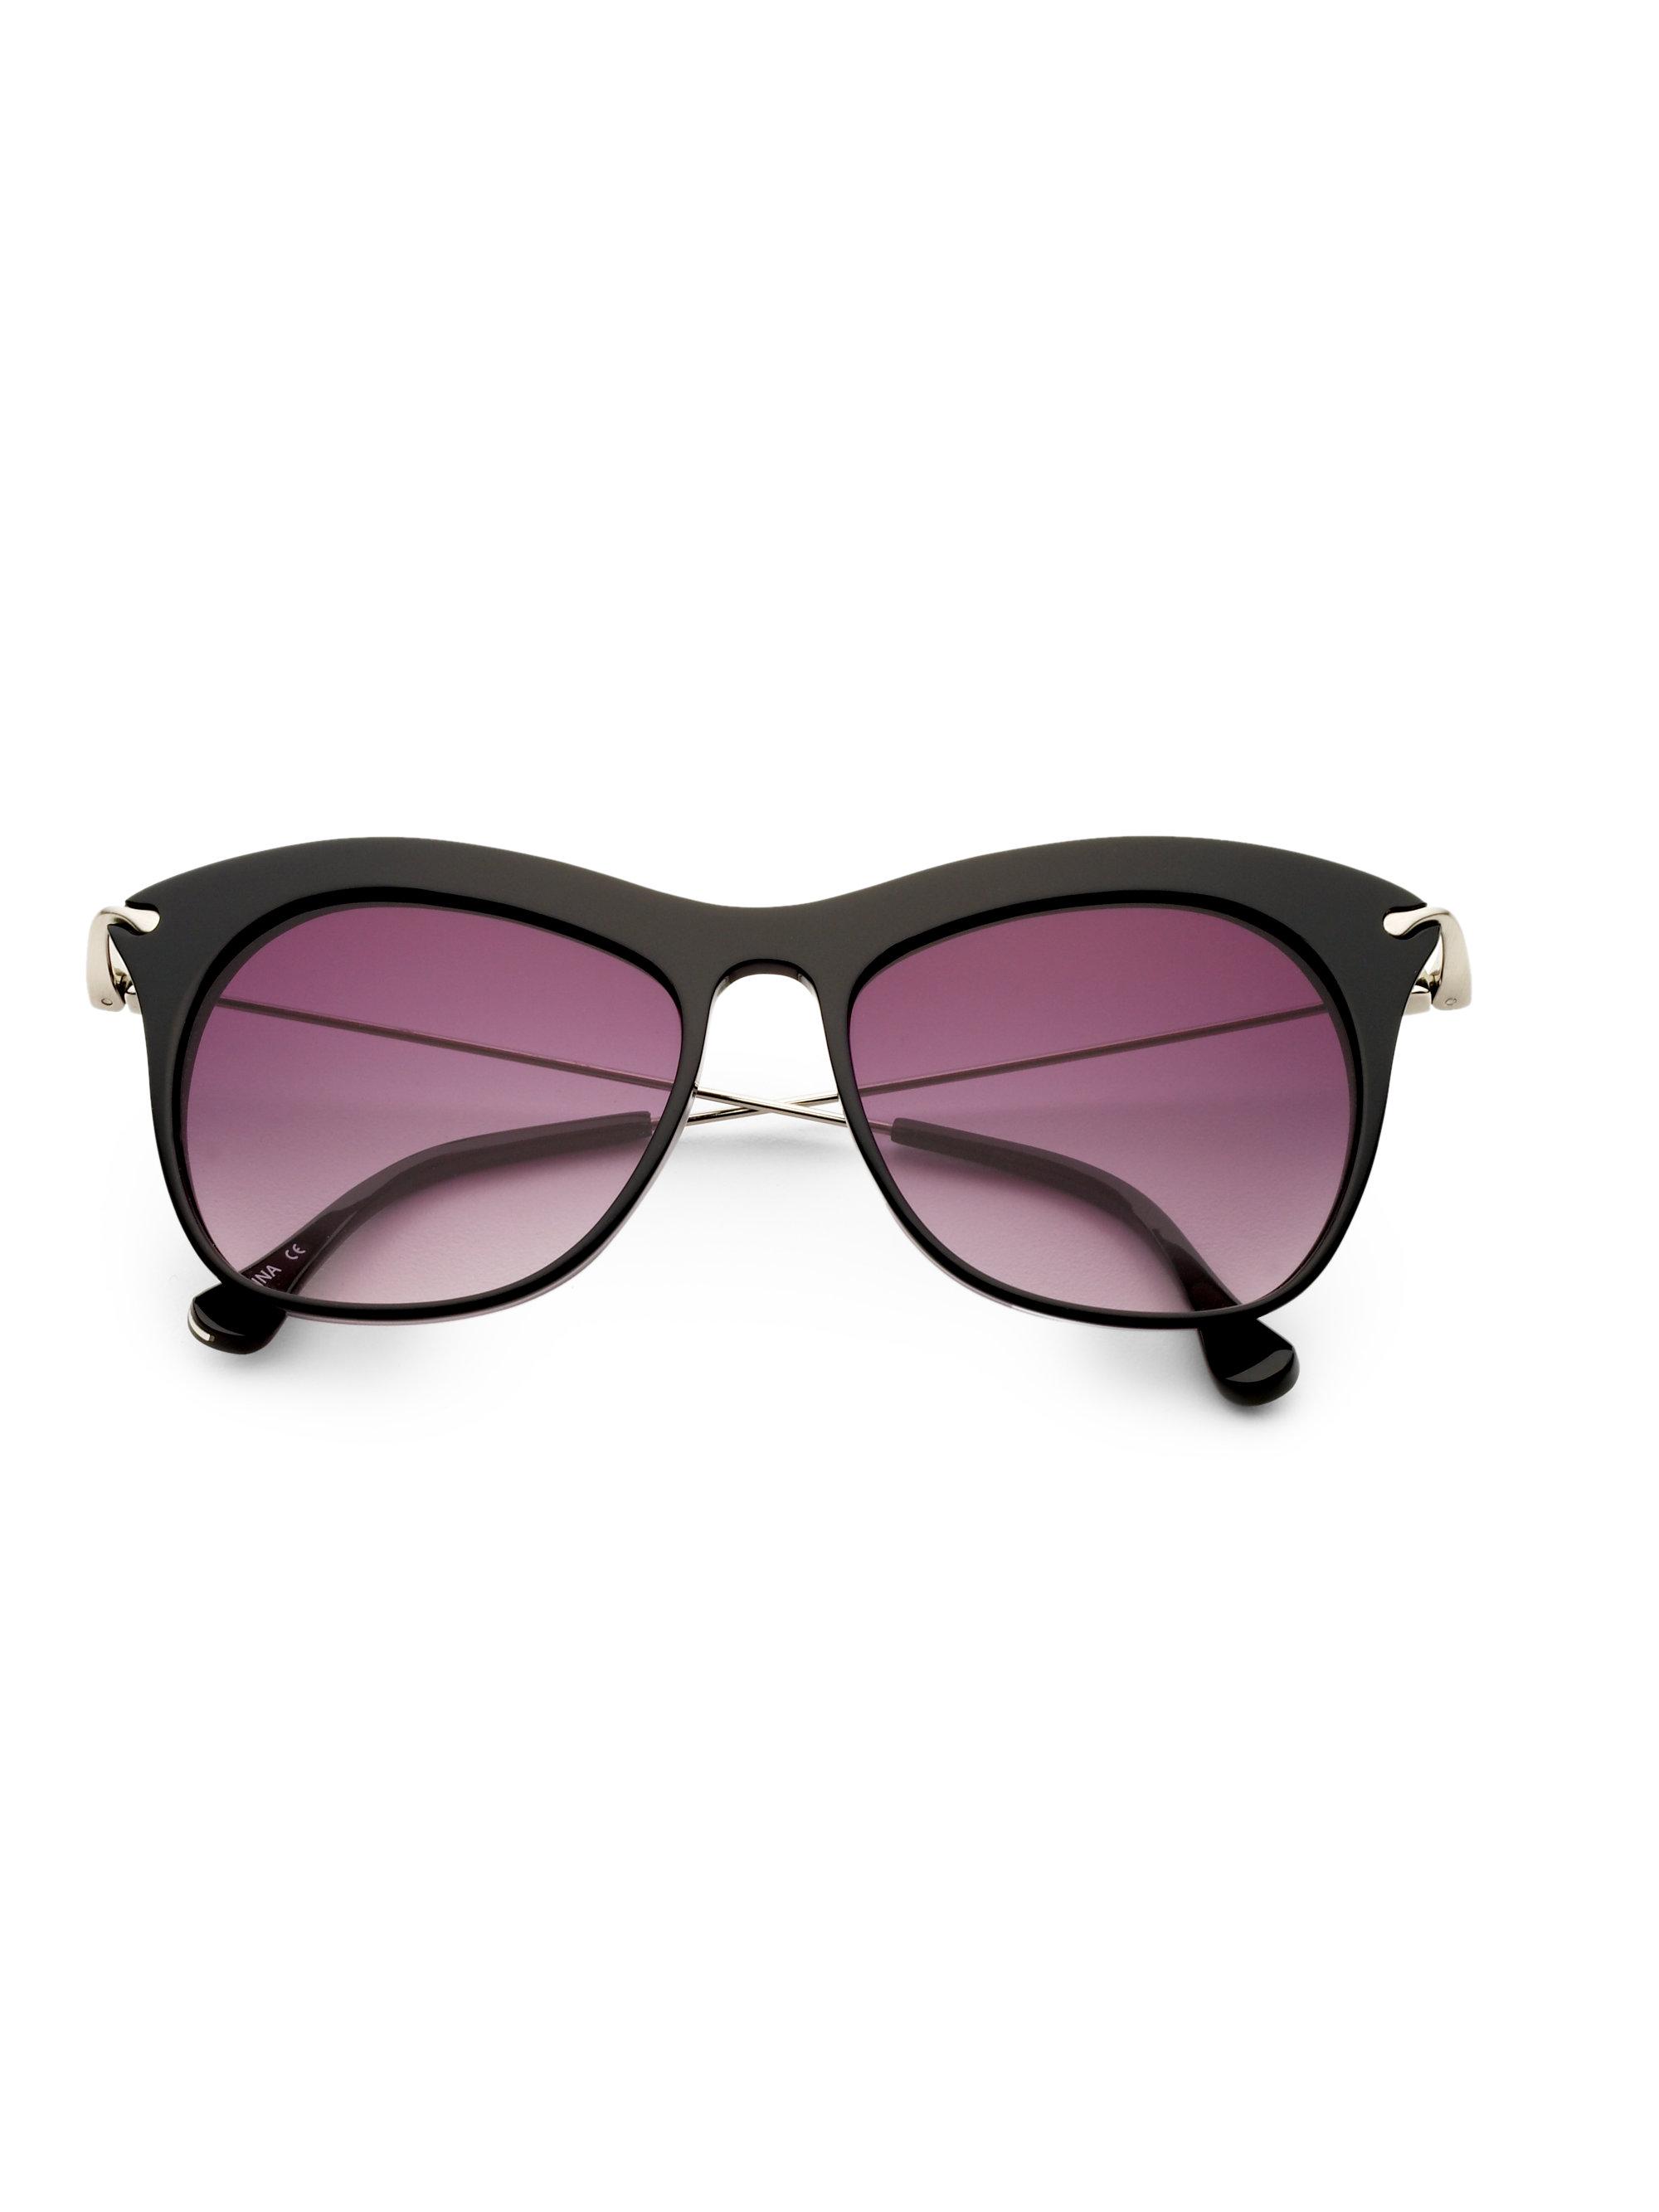 Elizabeth And James Fairfax Polarized Cat Eye Sunglasses